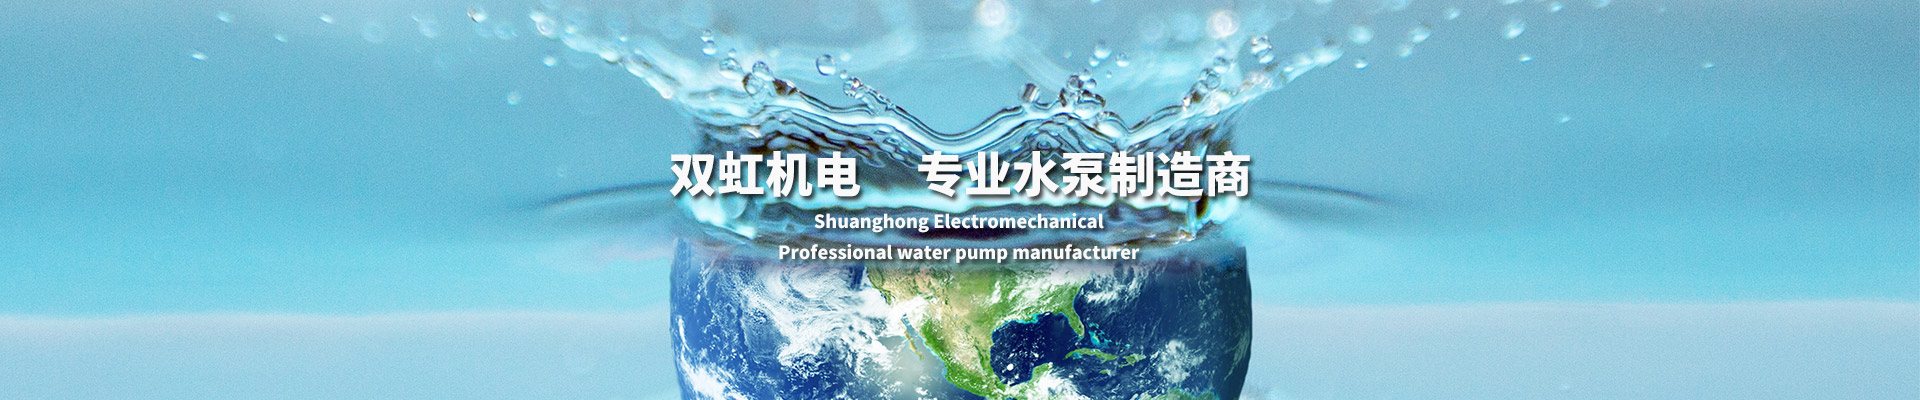 污水泵厂家